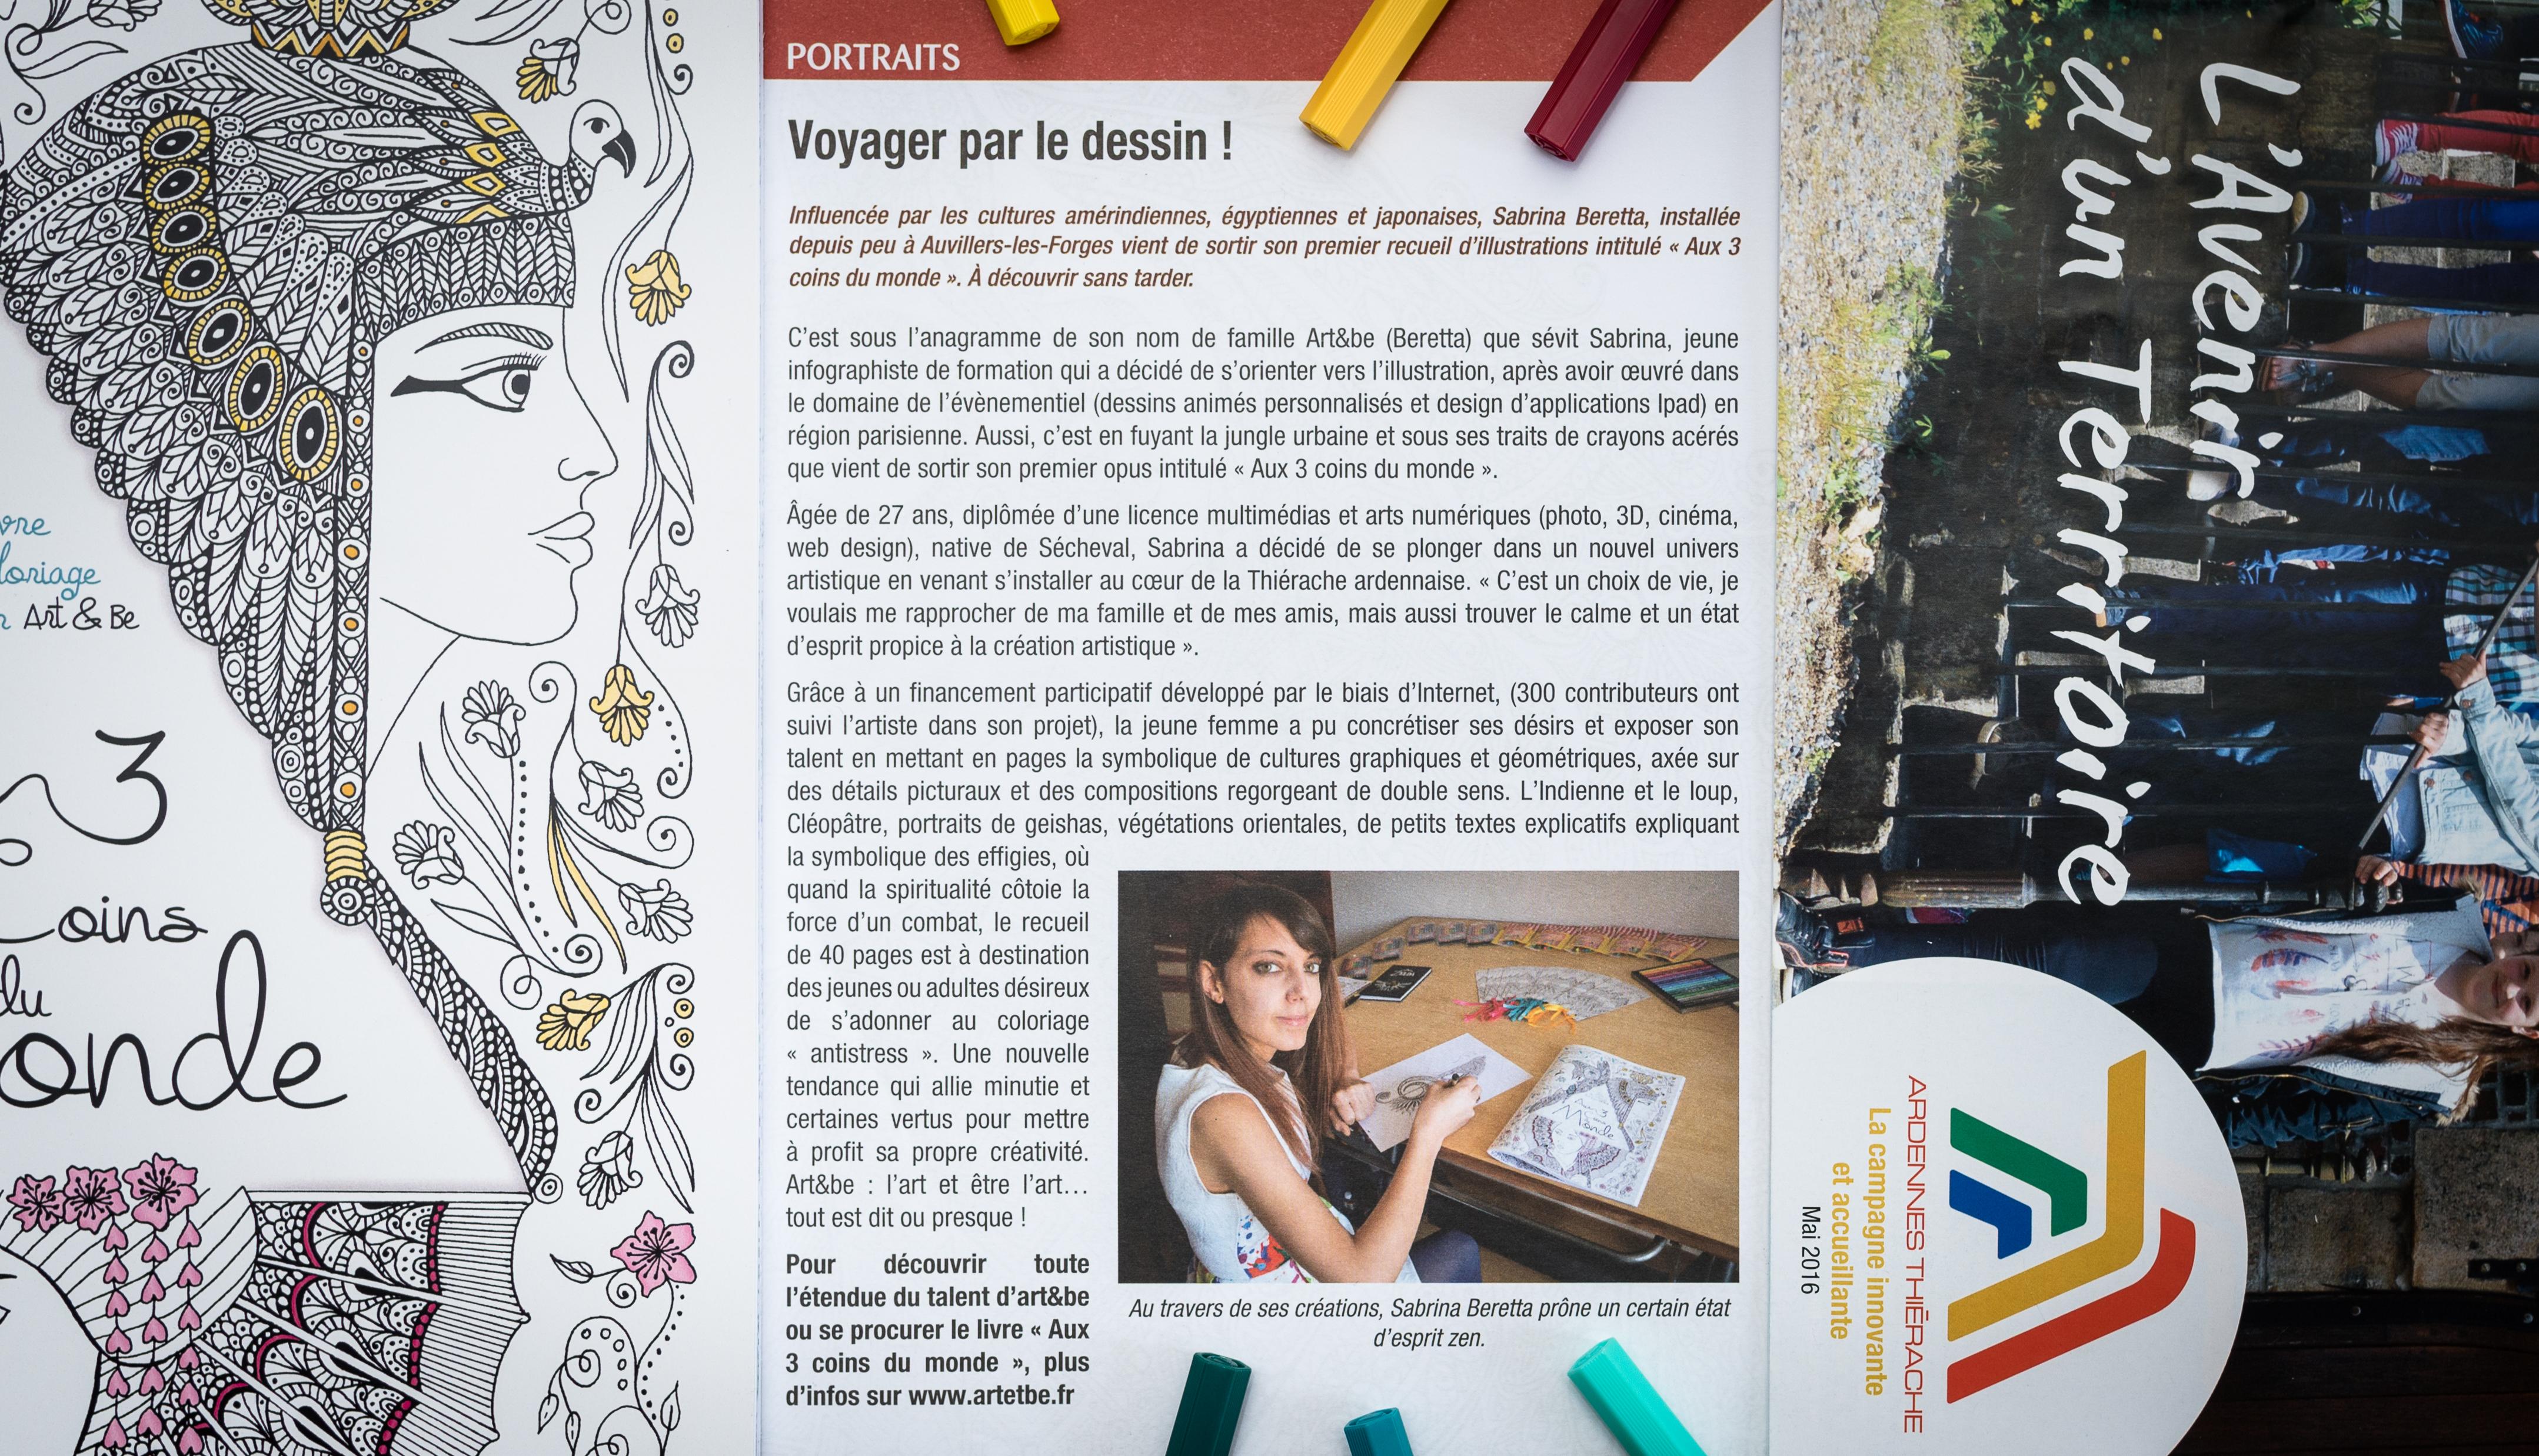 La Communauté de Communes Ardennes Thiérache consacre un livret présentant l'illustratrice ardennaise Sabrina Beretta et son travail